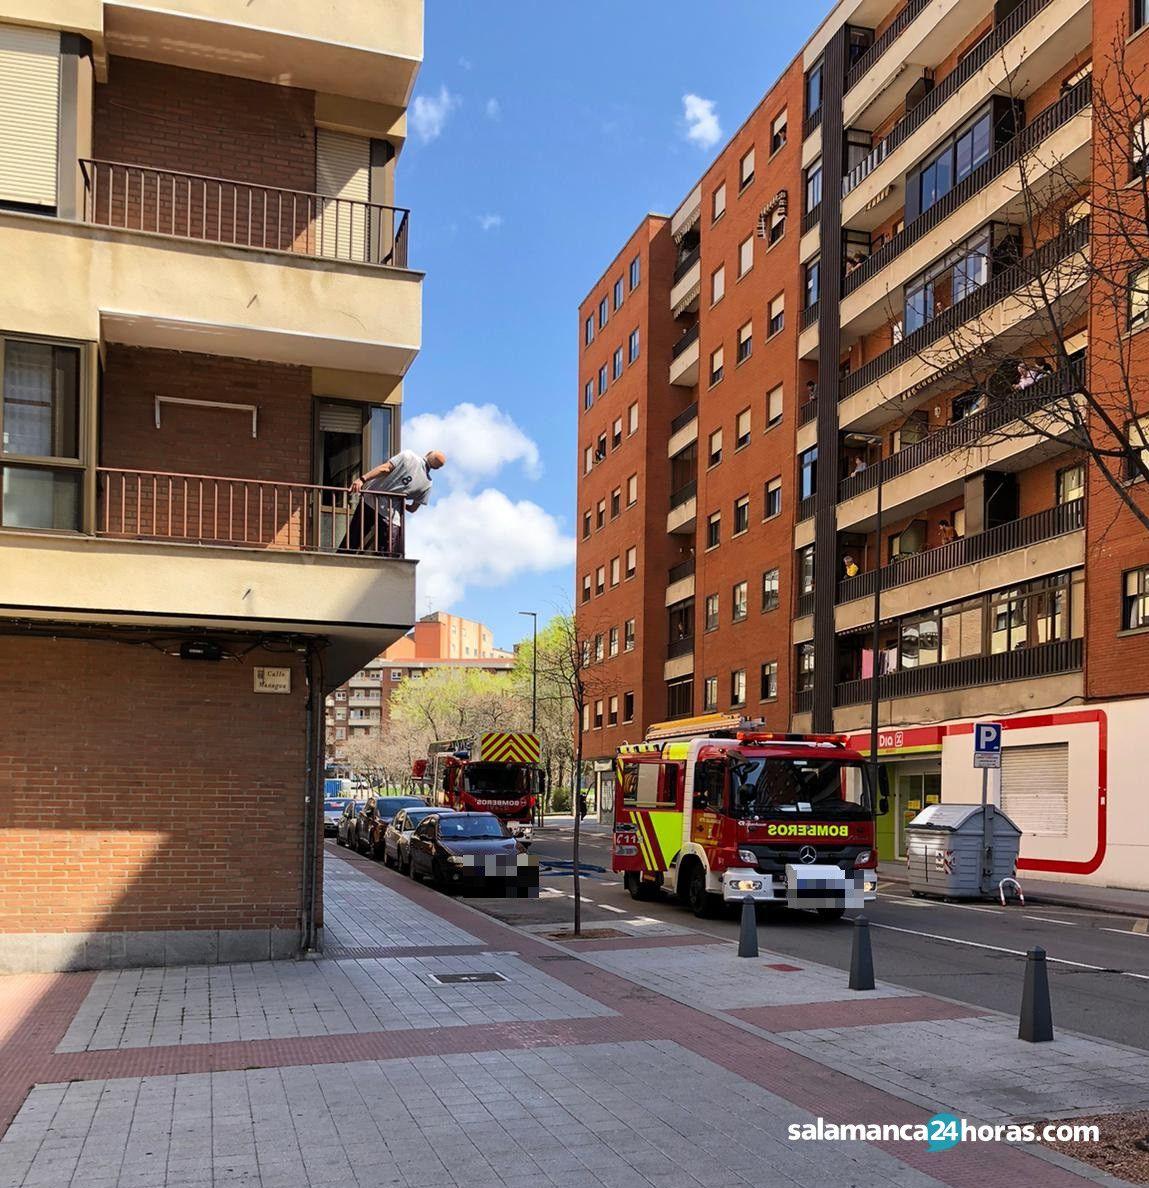 Bomberos en calle del Doctor Gómez Ulla (25 3 2020) (2)